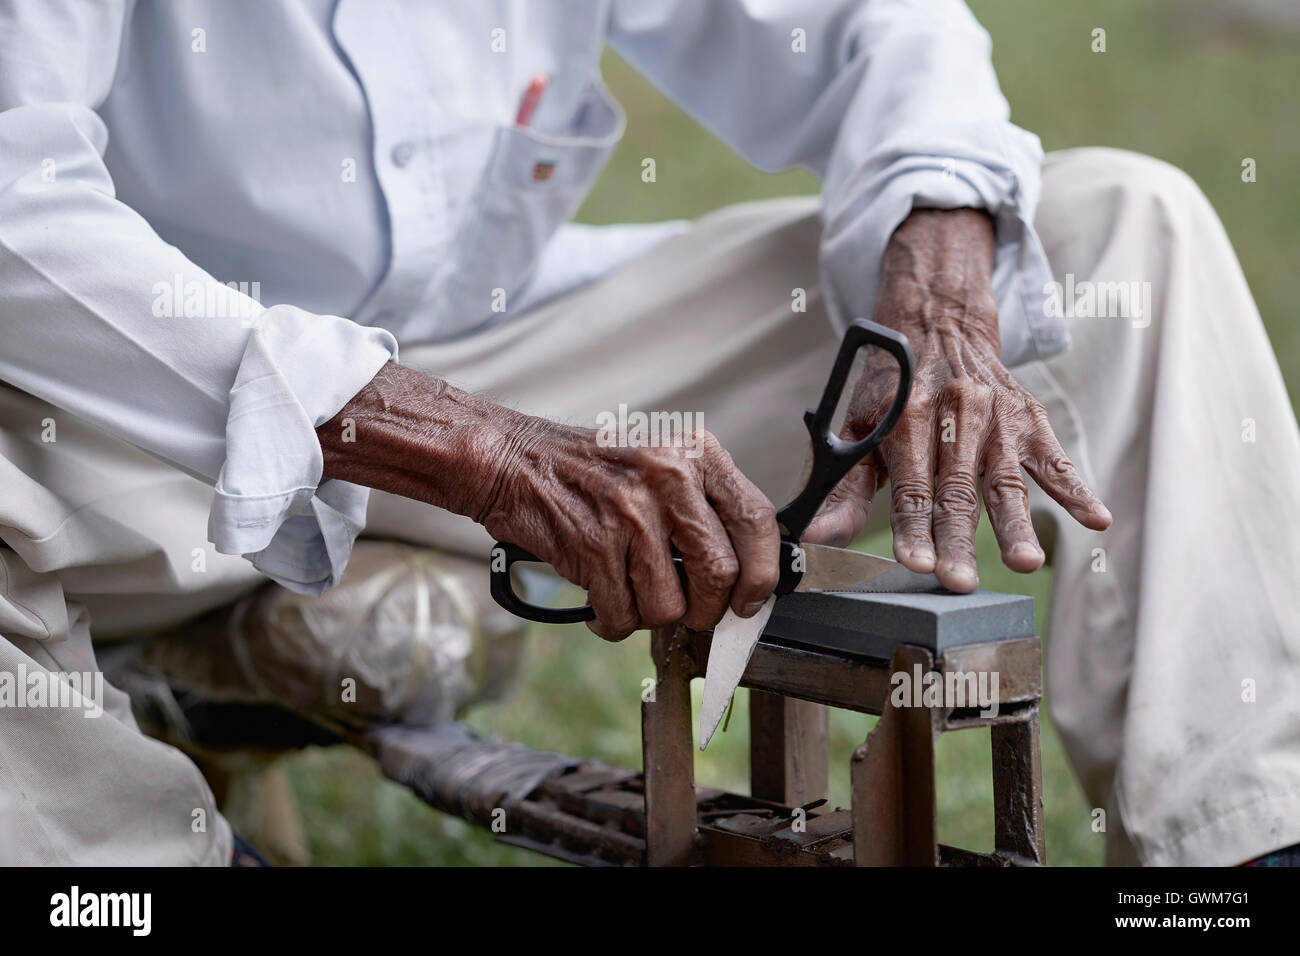 messer-schleifmaschine der schere schärfen stockfoto, bild